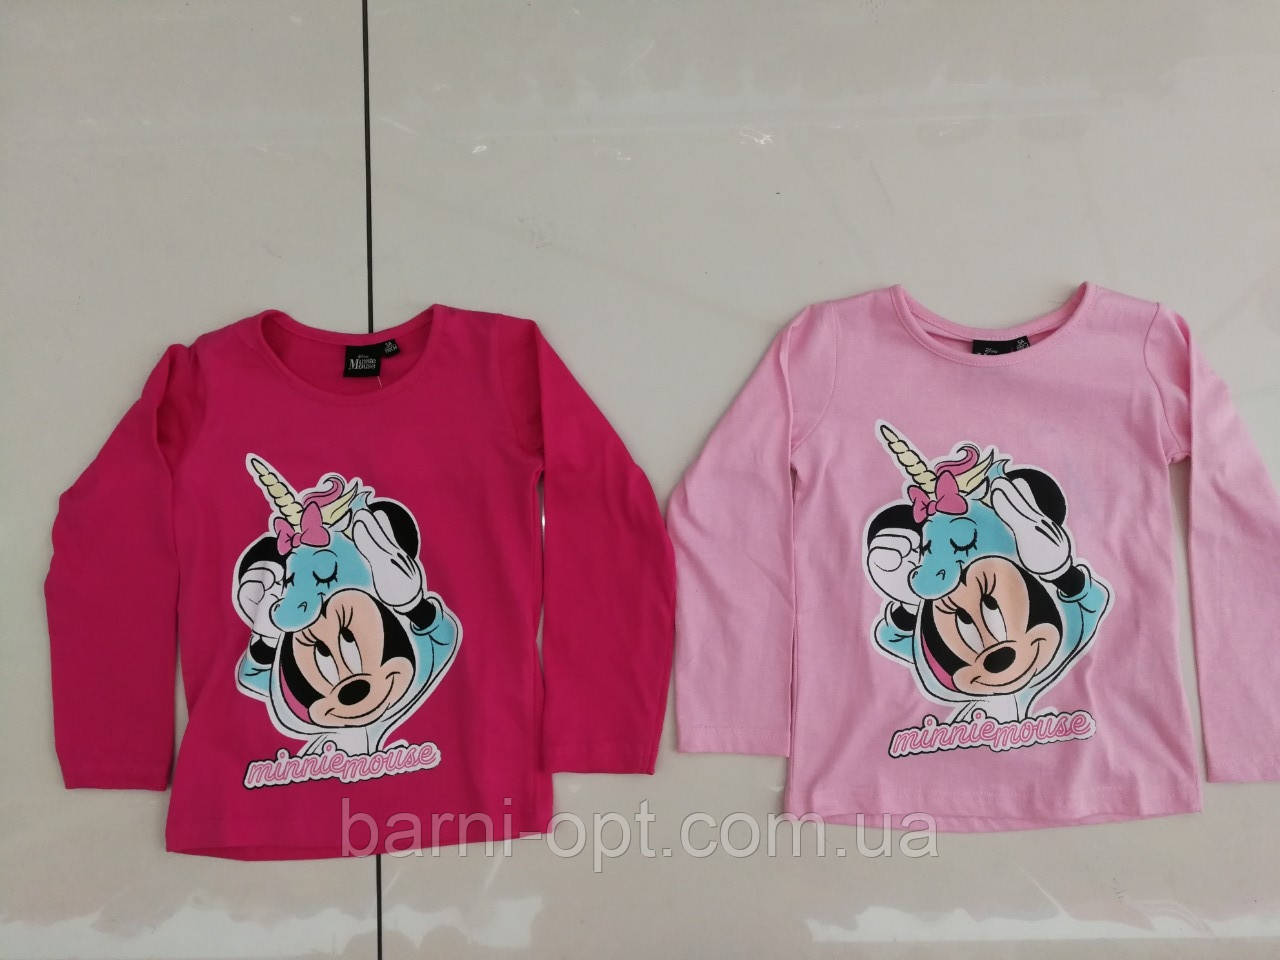 Регланы для девочек оптом,  Disney, 98-128 pp